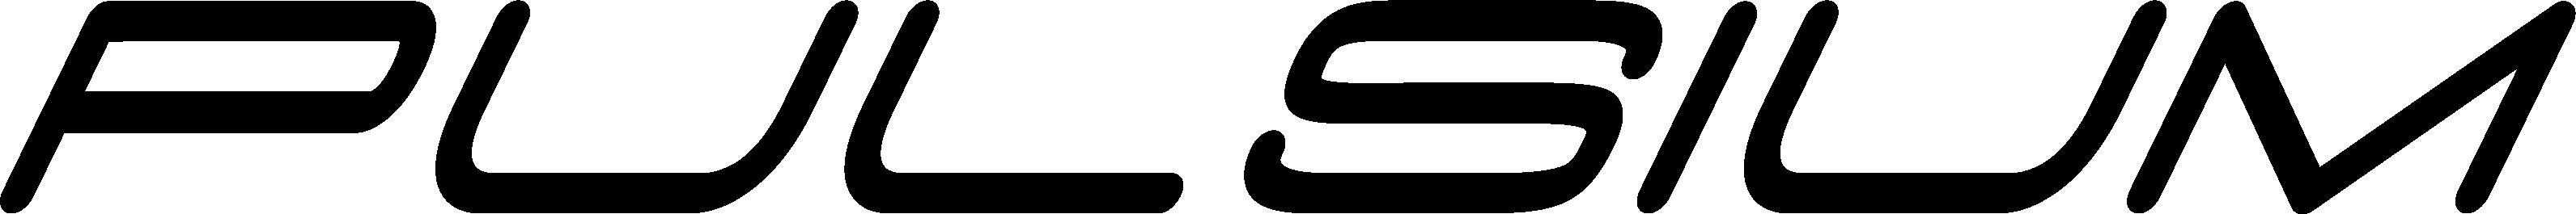 Lapierre Pulsium Komfort-Rennrad Angebote